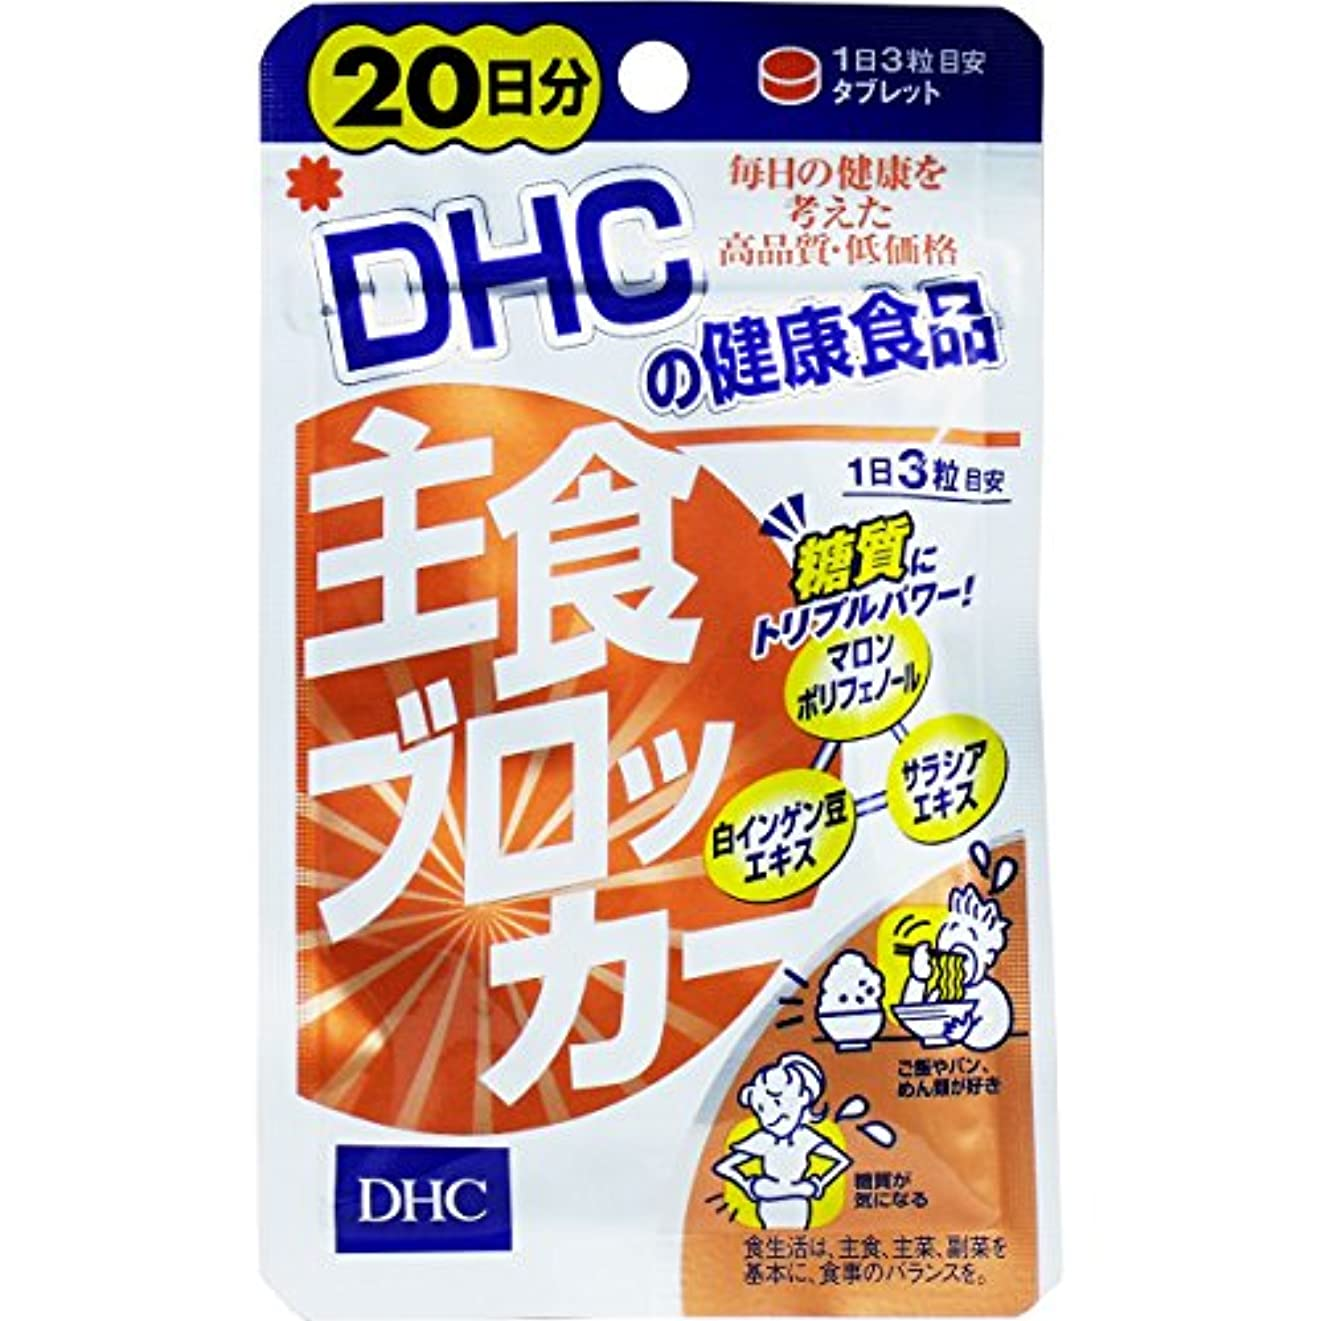 ブルジョンひねり一時的お得な6個セット 炭水化物が好きな方へオススメ DHC 主食ブロッカー 20日分(60粒)